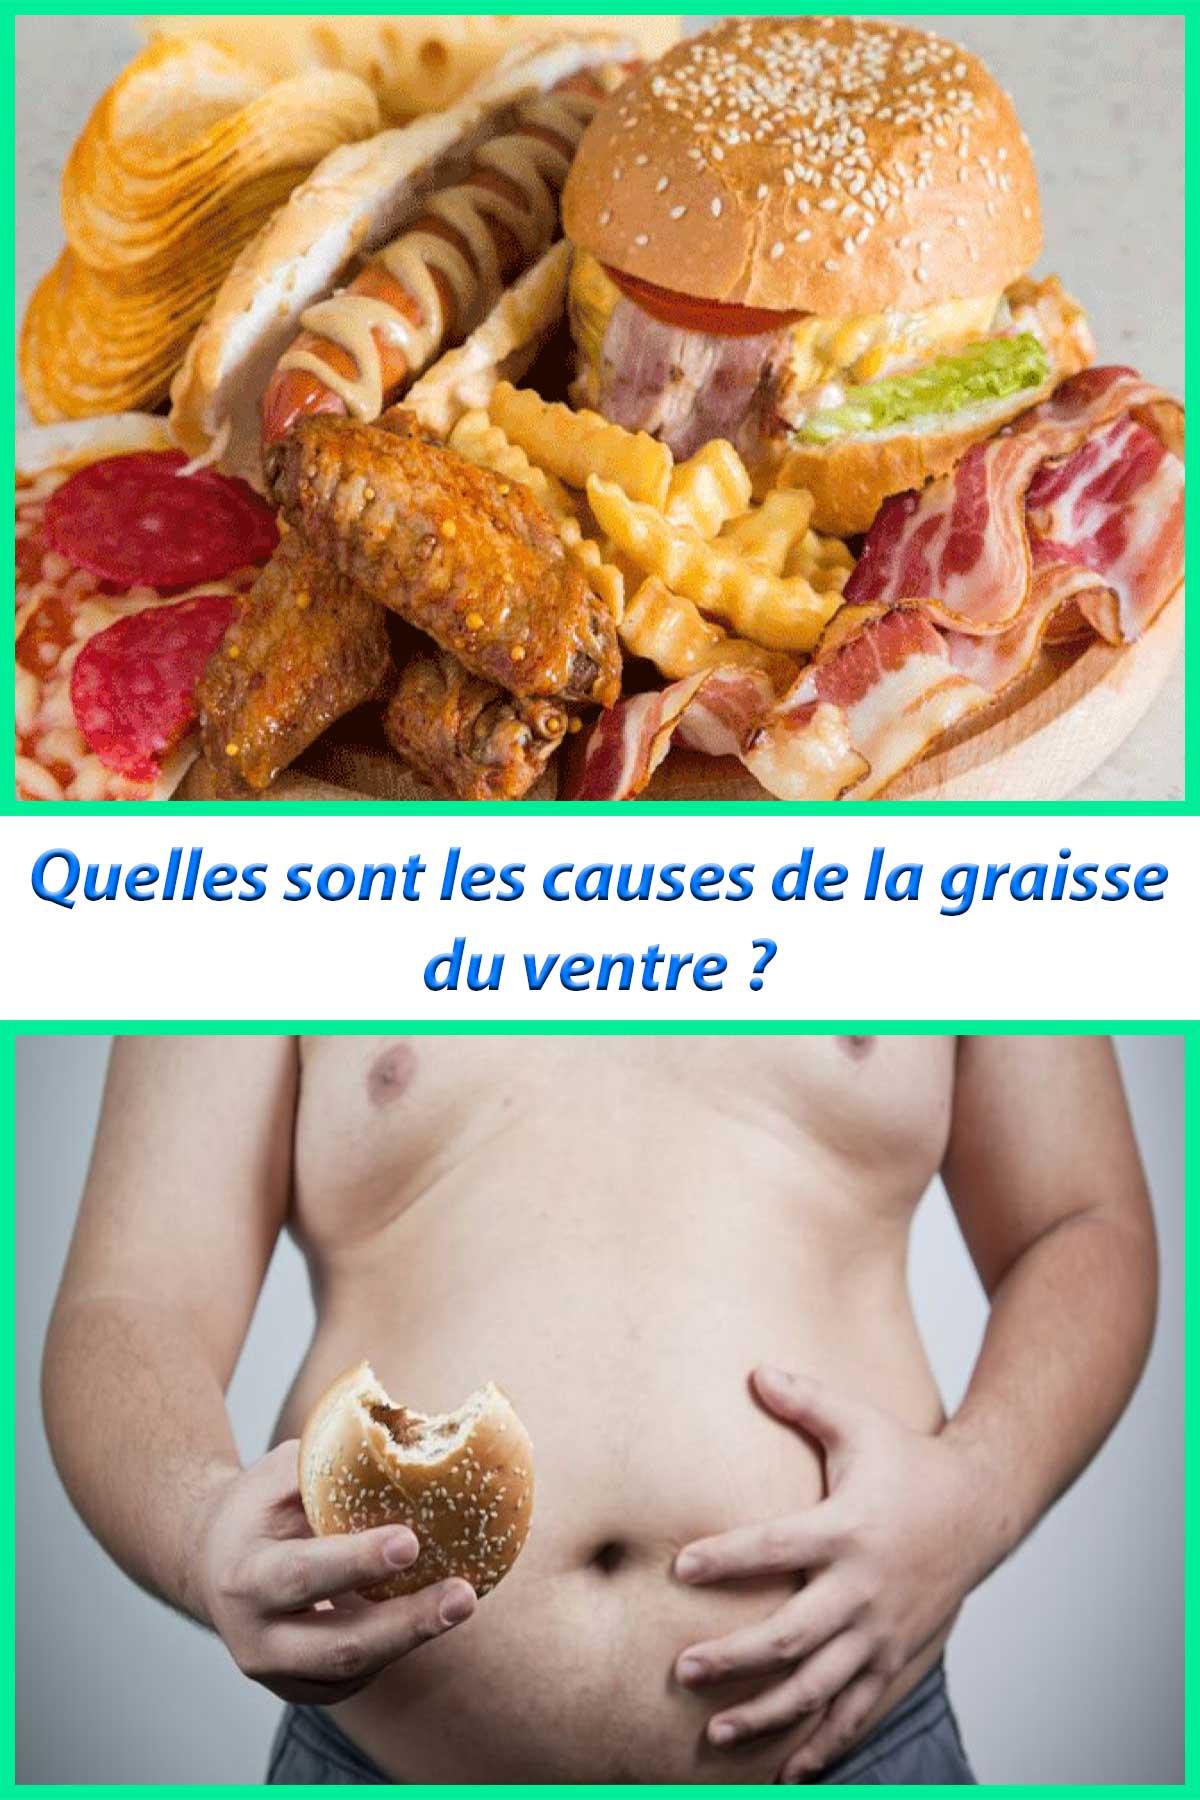 Quelles sont les causes de la graisse du ventre